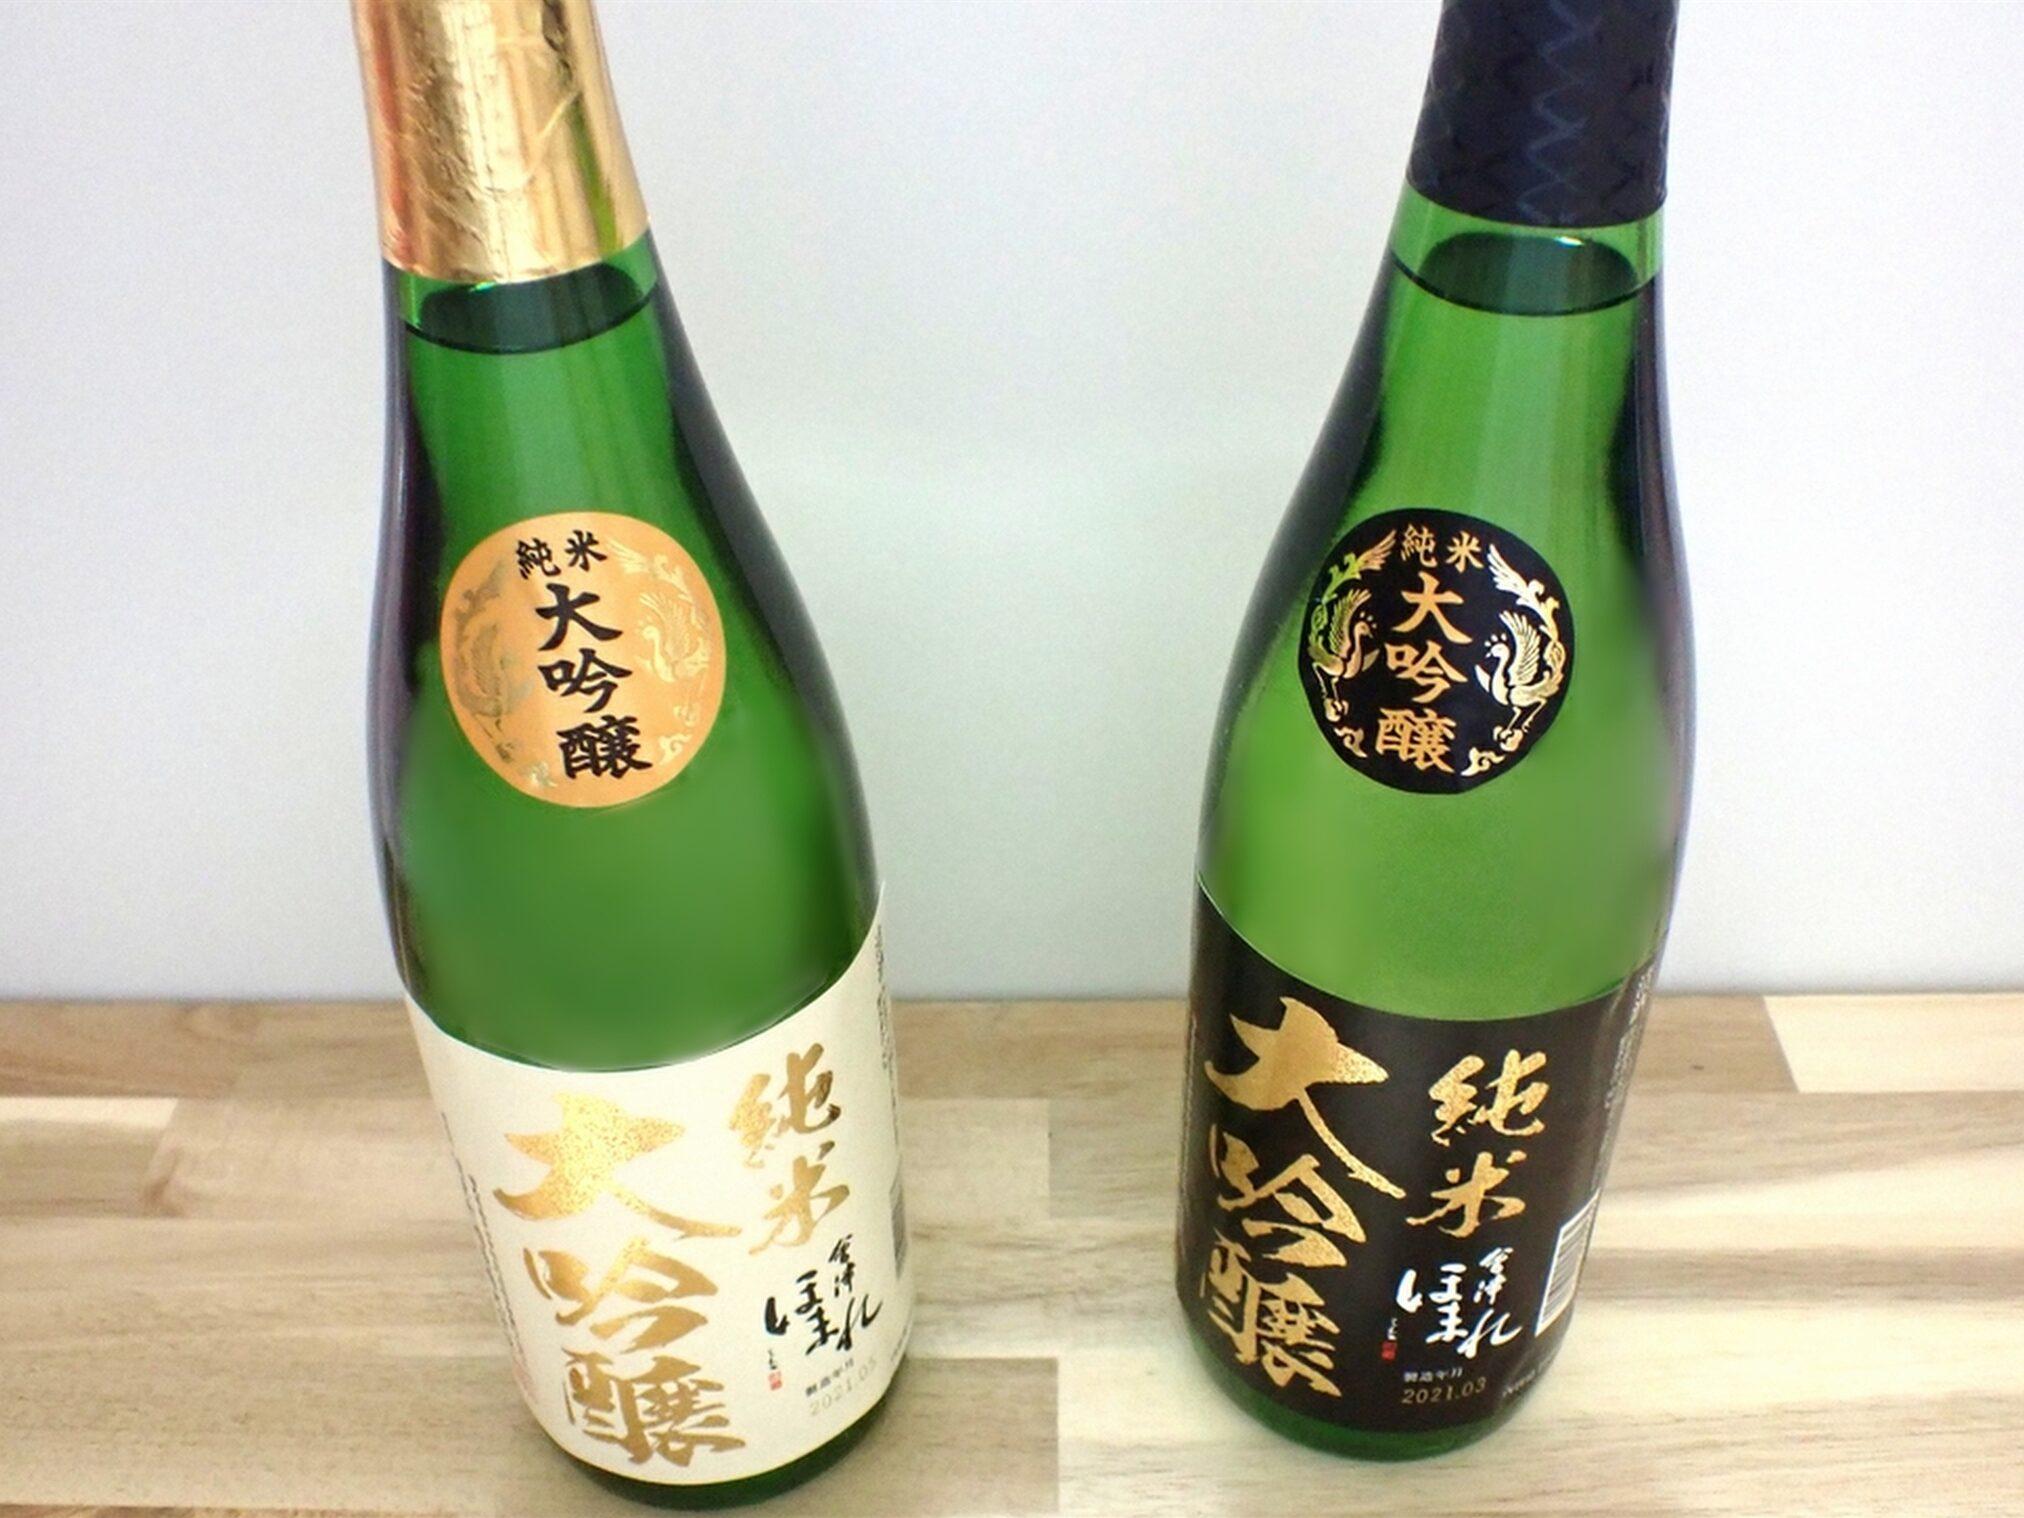 安くておいしい日本酒を求めて買ってみた 純米大吟醸 会津ほまれ 白黒 極(きわみ)、極 黒ラベル